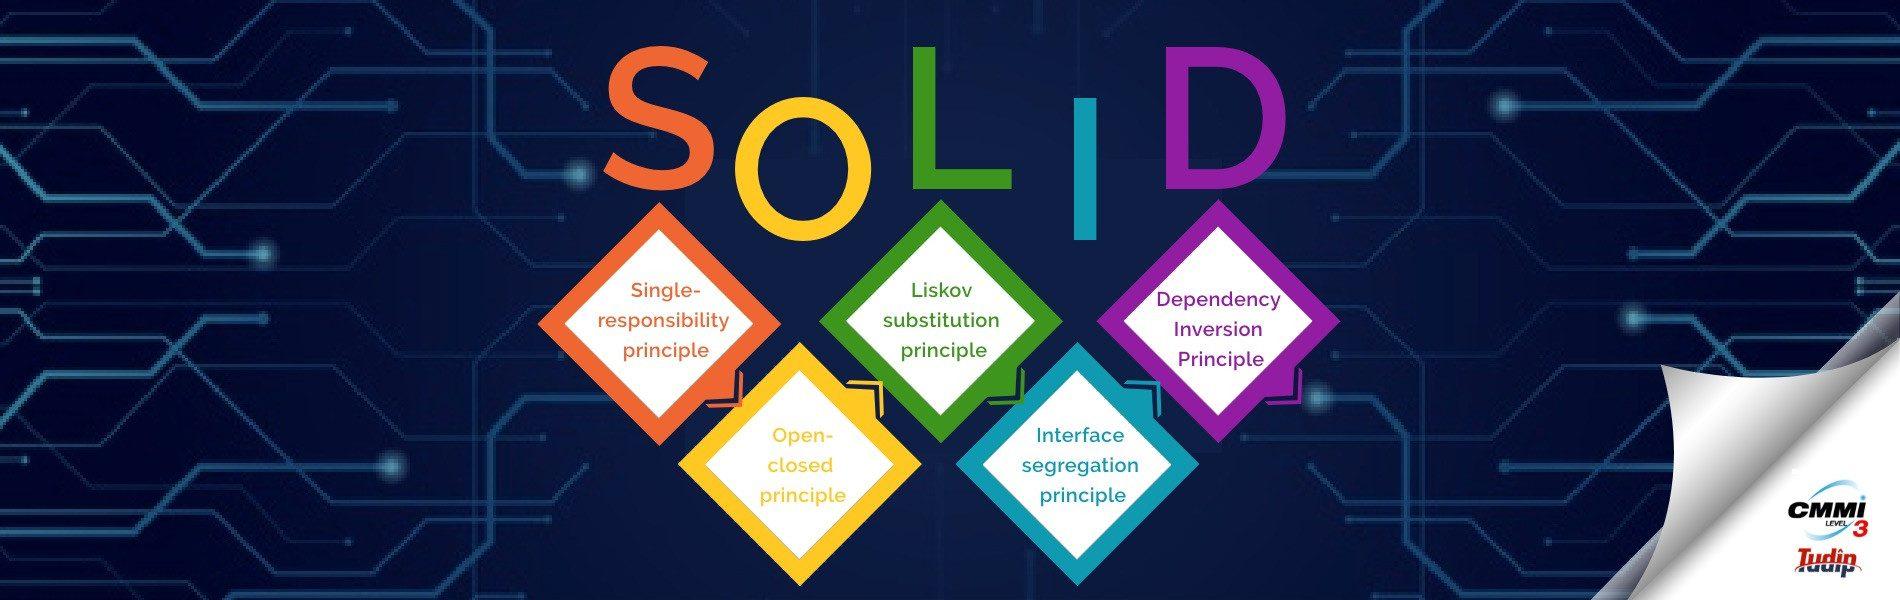 S.O.L.I.D. Principles